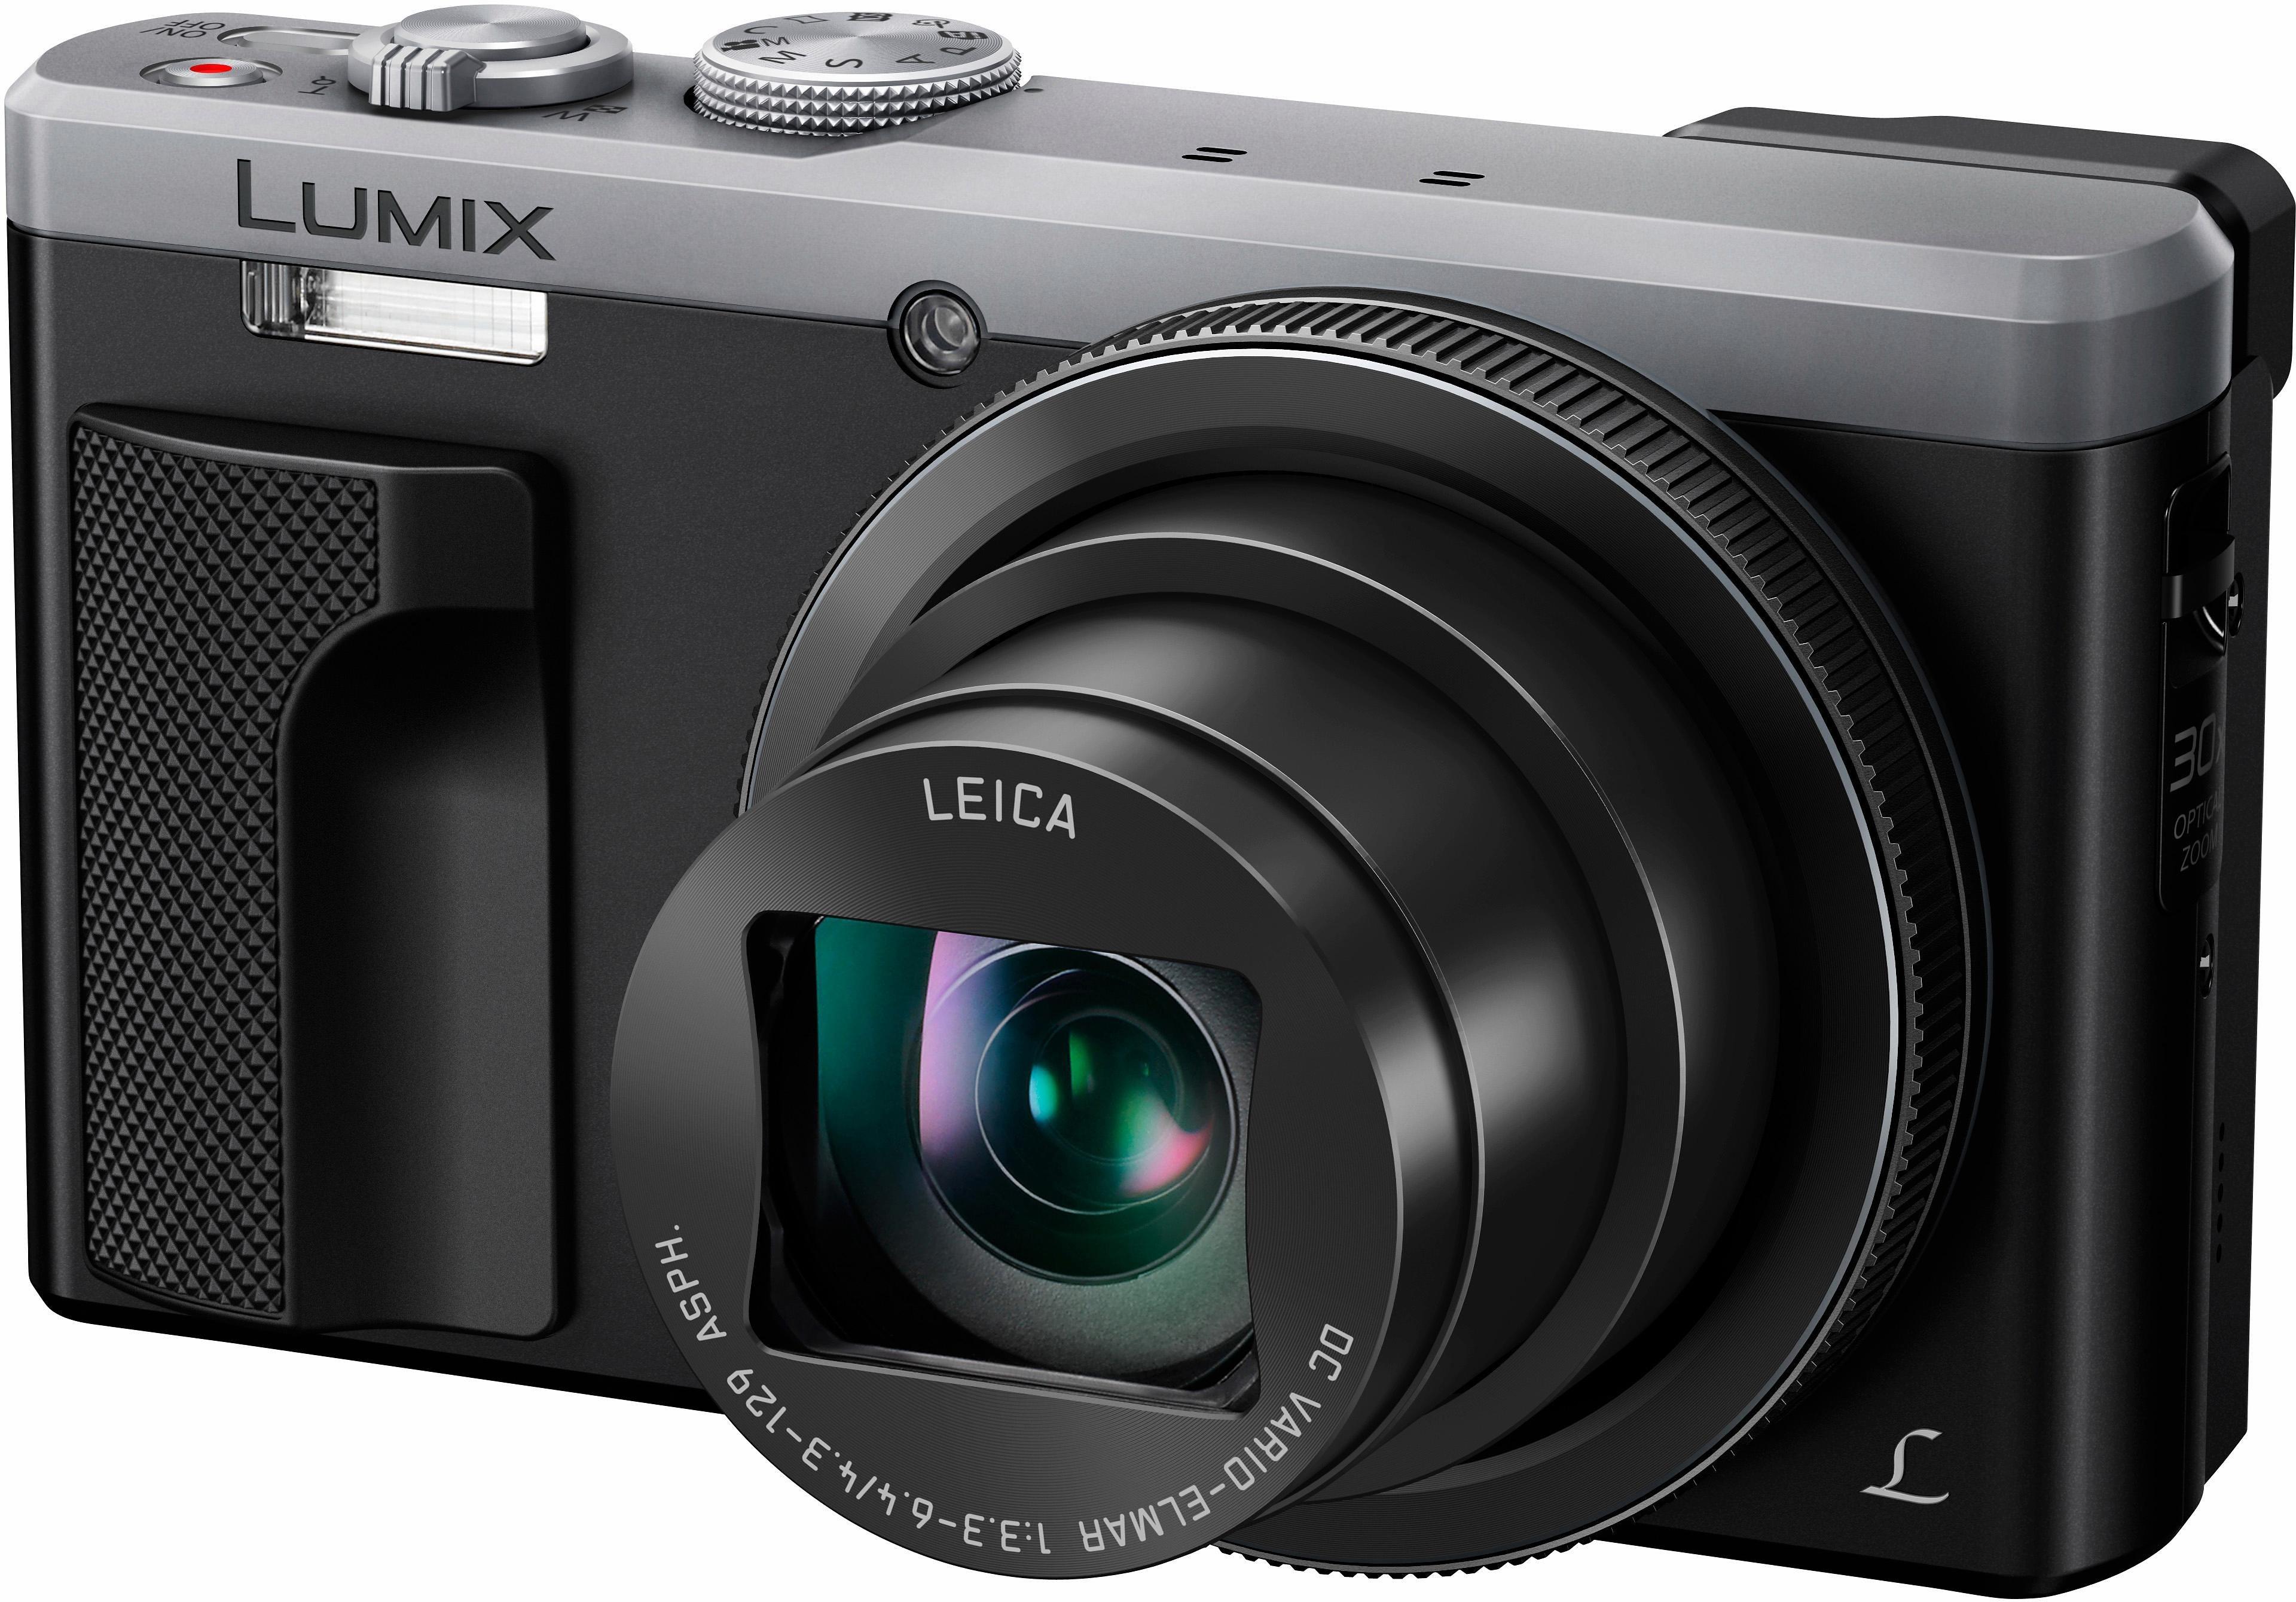 Lumix DMC TZ81 Super Zoom Kamera 18 9 Megapixel 30x opt